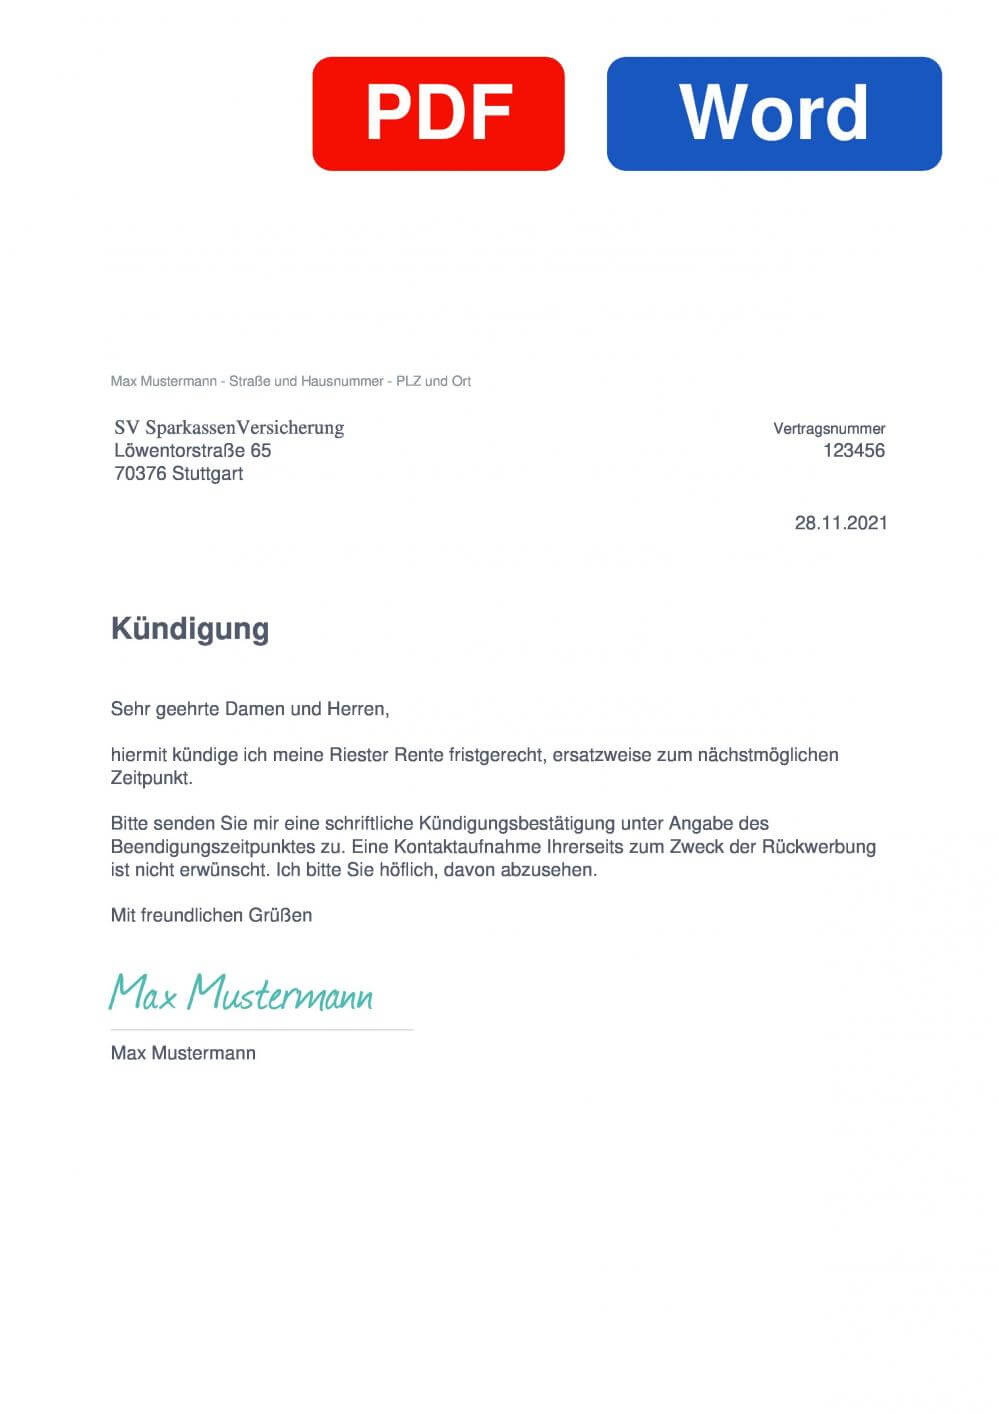 Sparkasse Riester Rente Muster Vorlage für Kündigungsschreiben